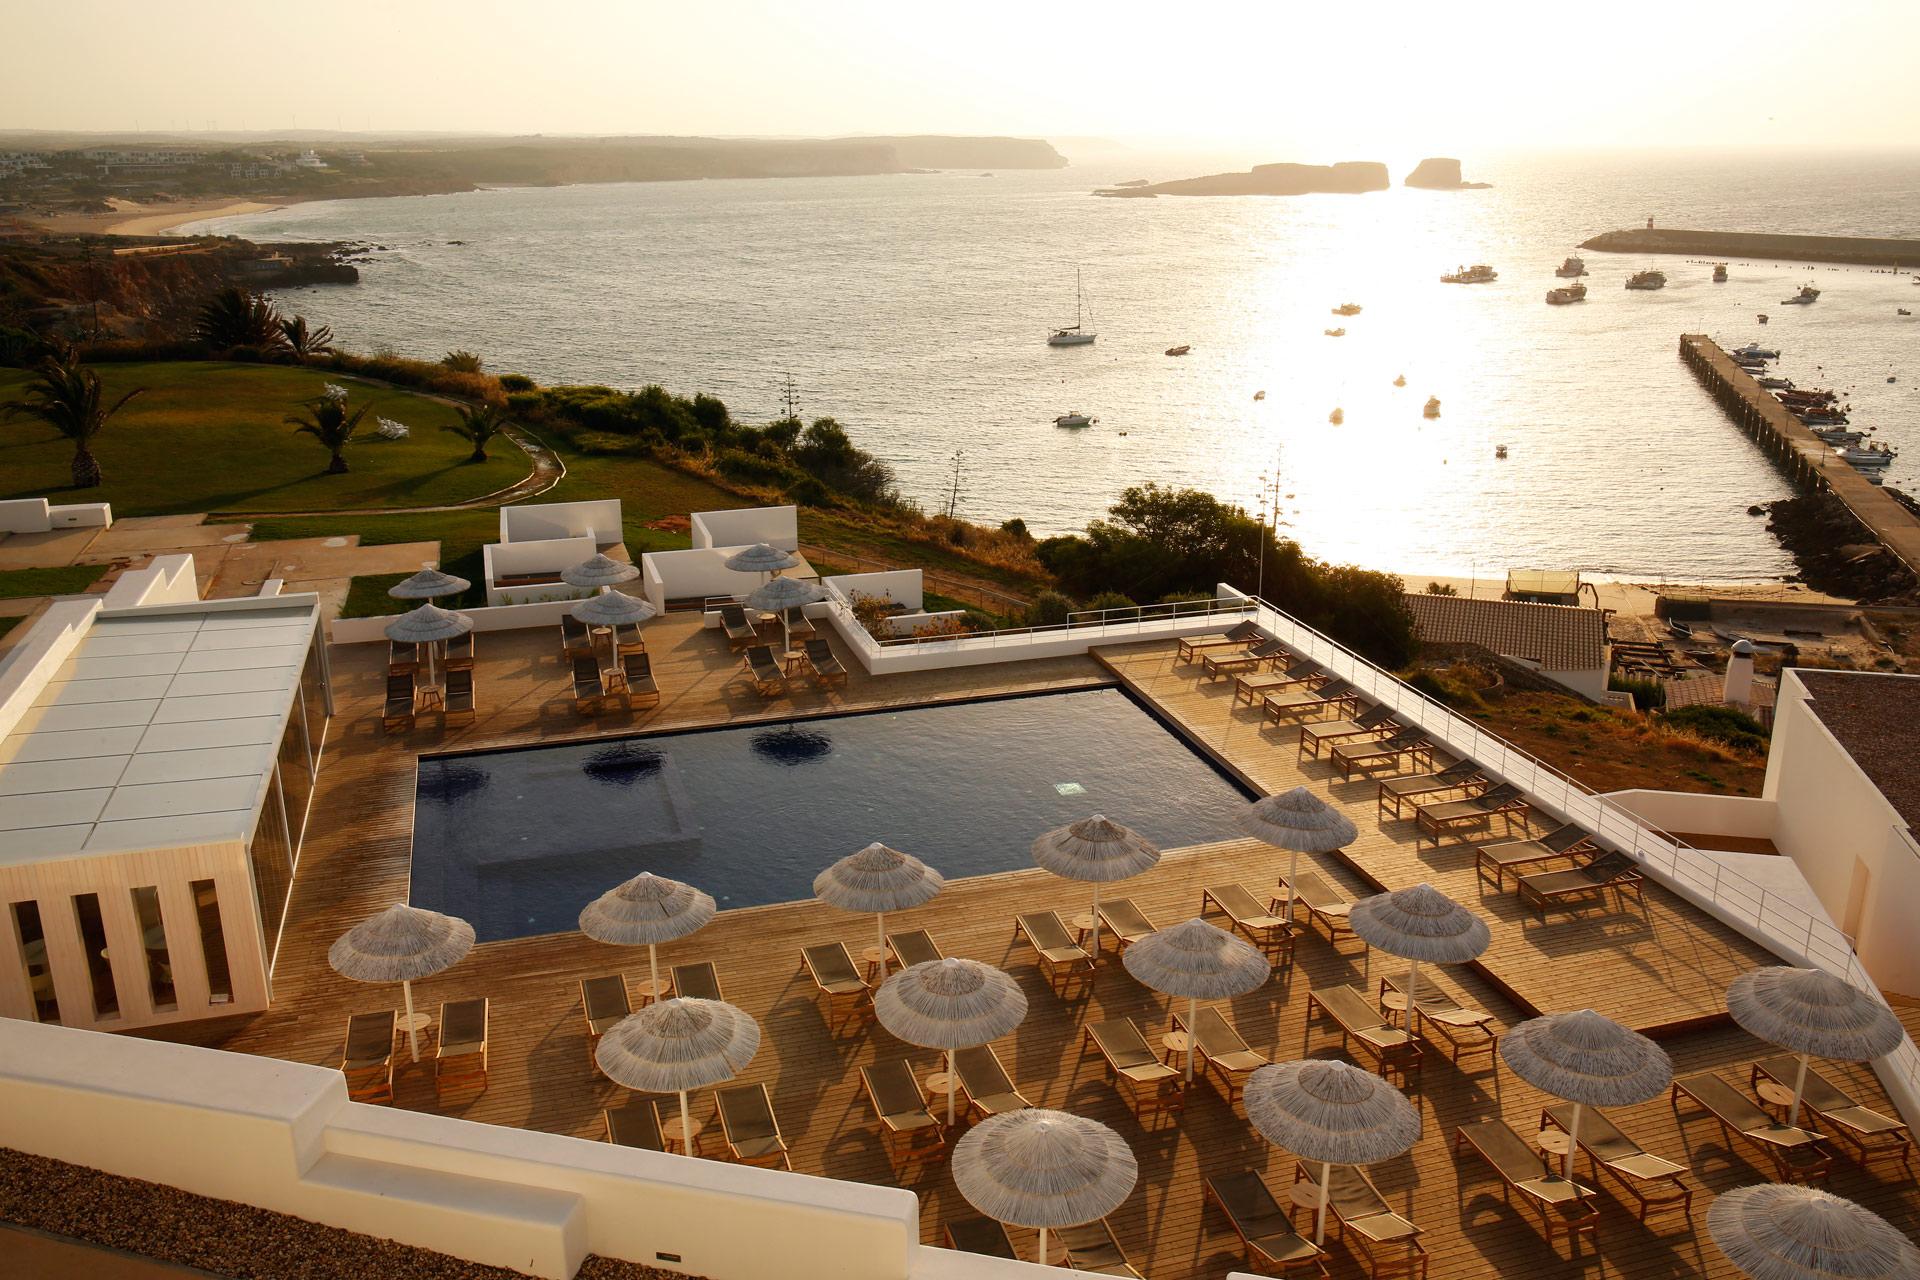 Die Sonnenterrasse des Memmo Baleeira Hotels in Sagres